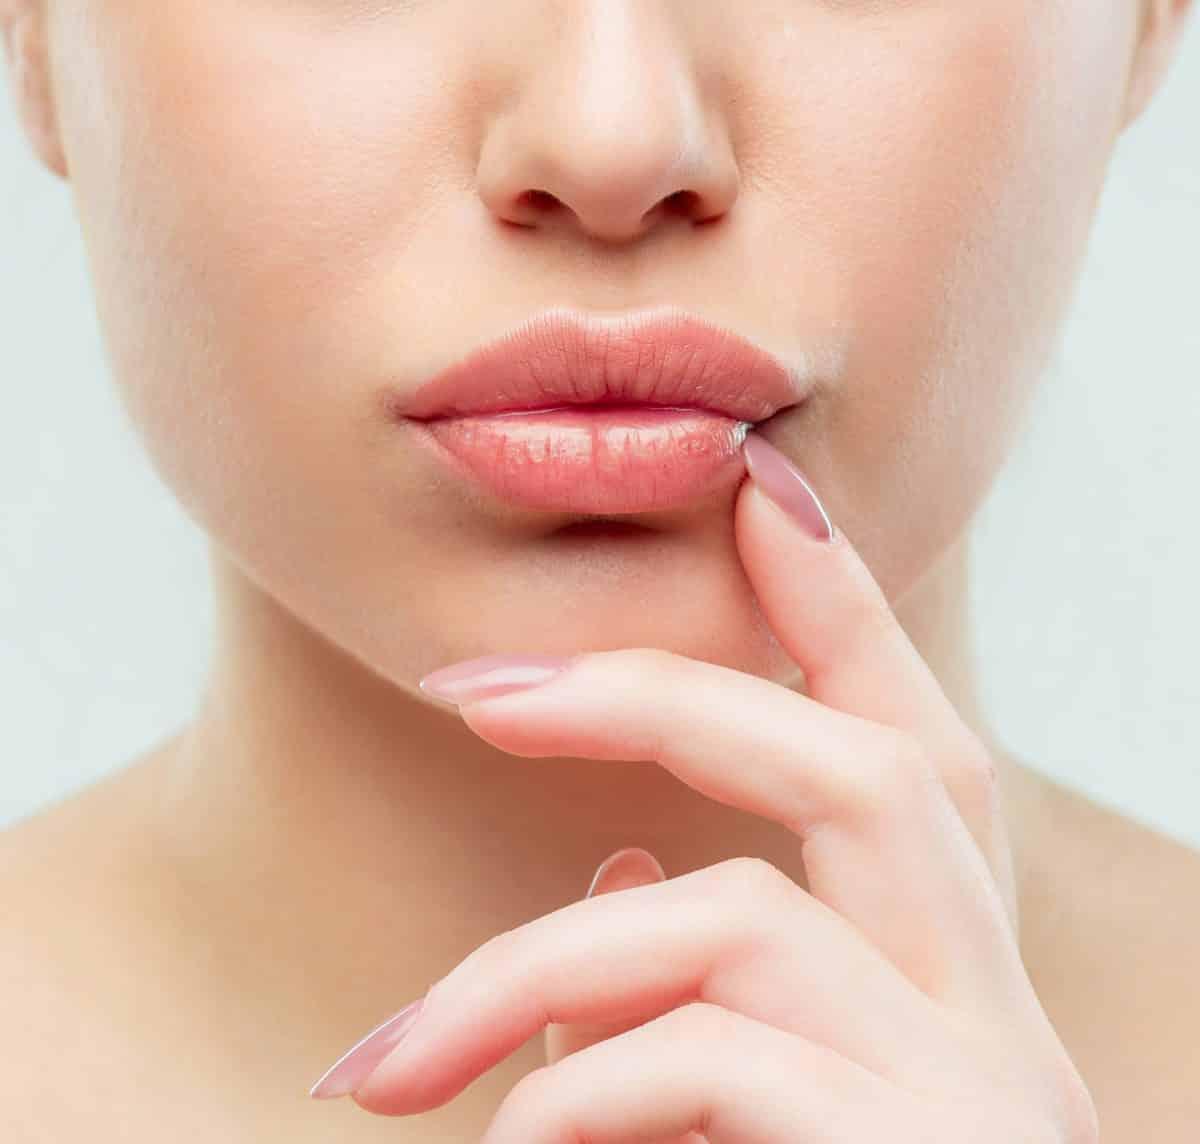 Подготовиться к увеличению губ гиалуроновой кислотой